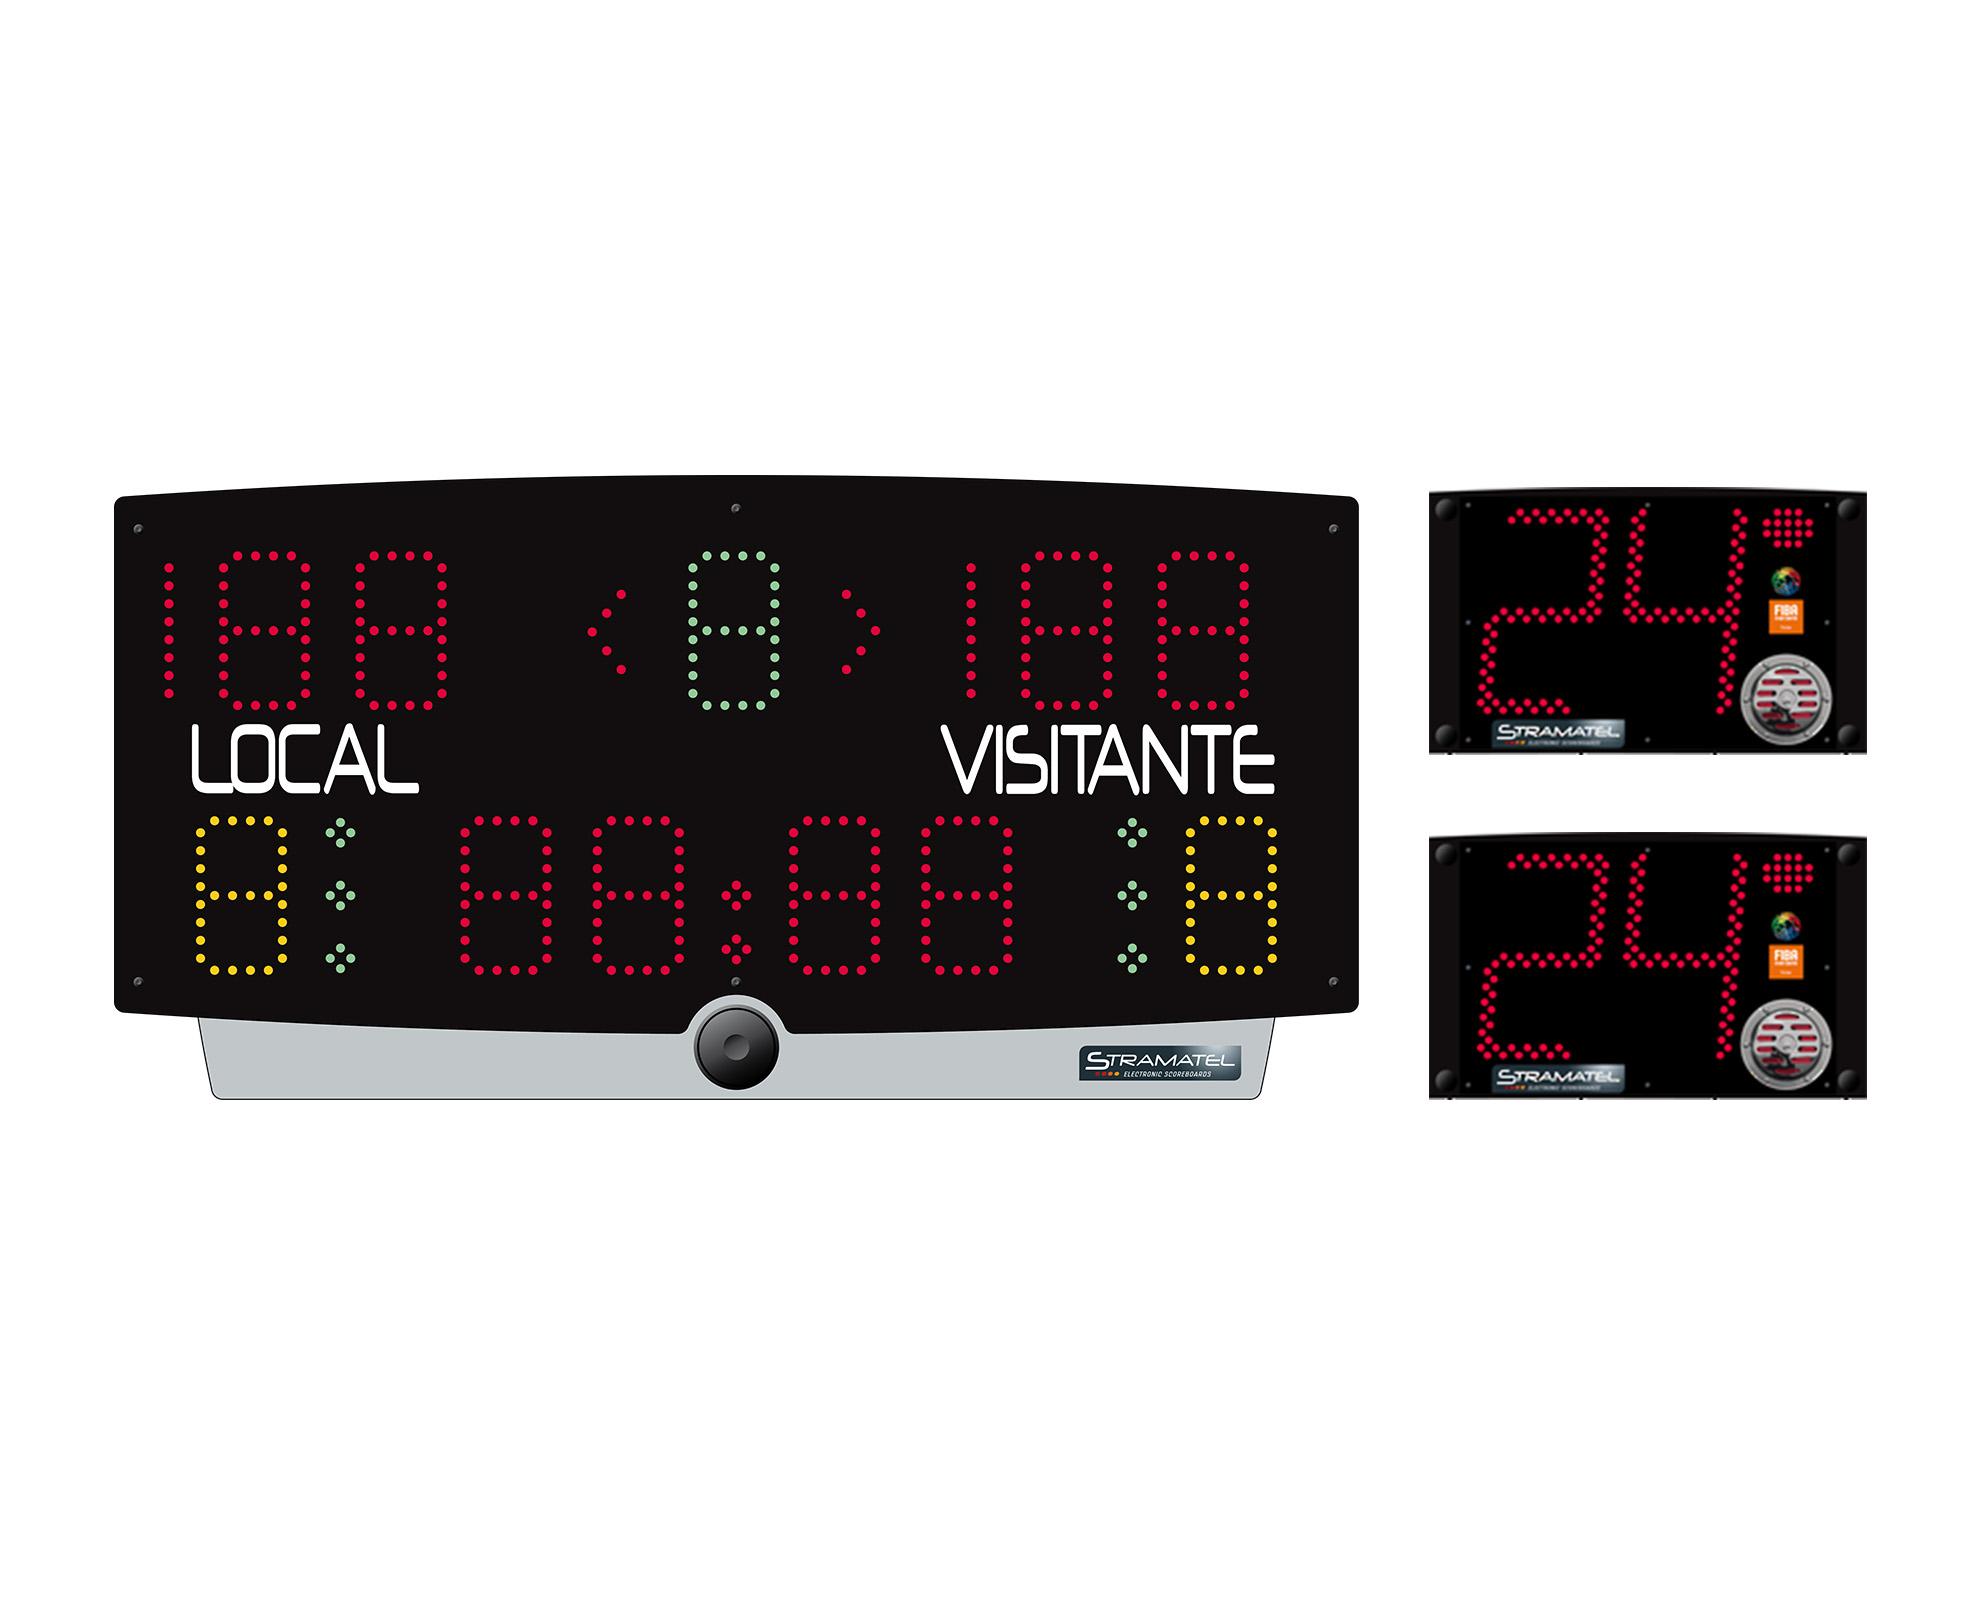 Marcador deportivo PRT/2414 (transportable) con sistema integrado 24/14 Stramatel